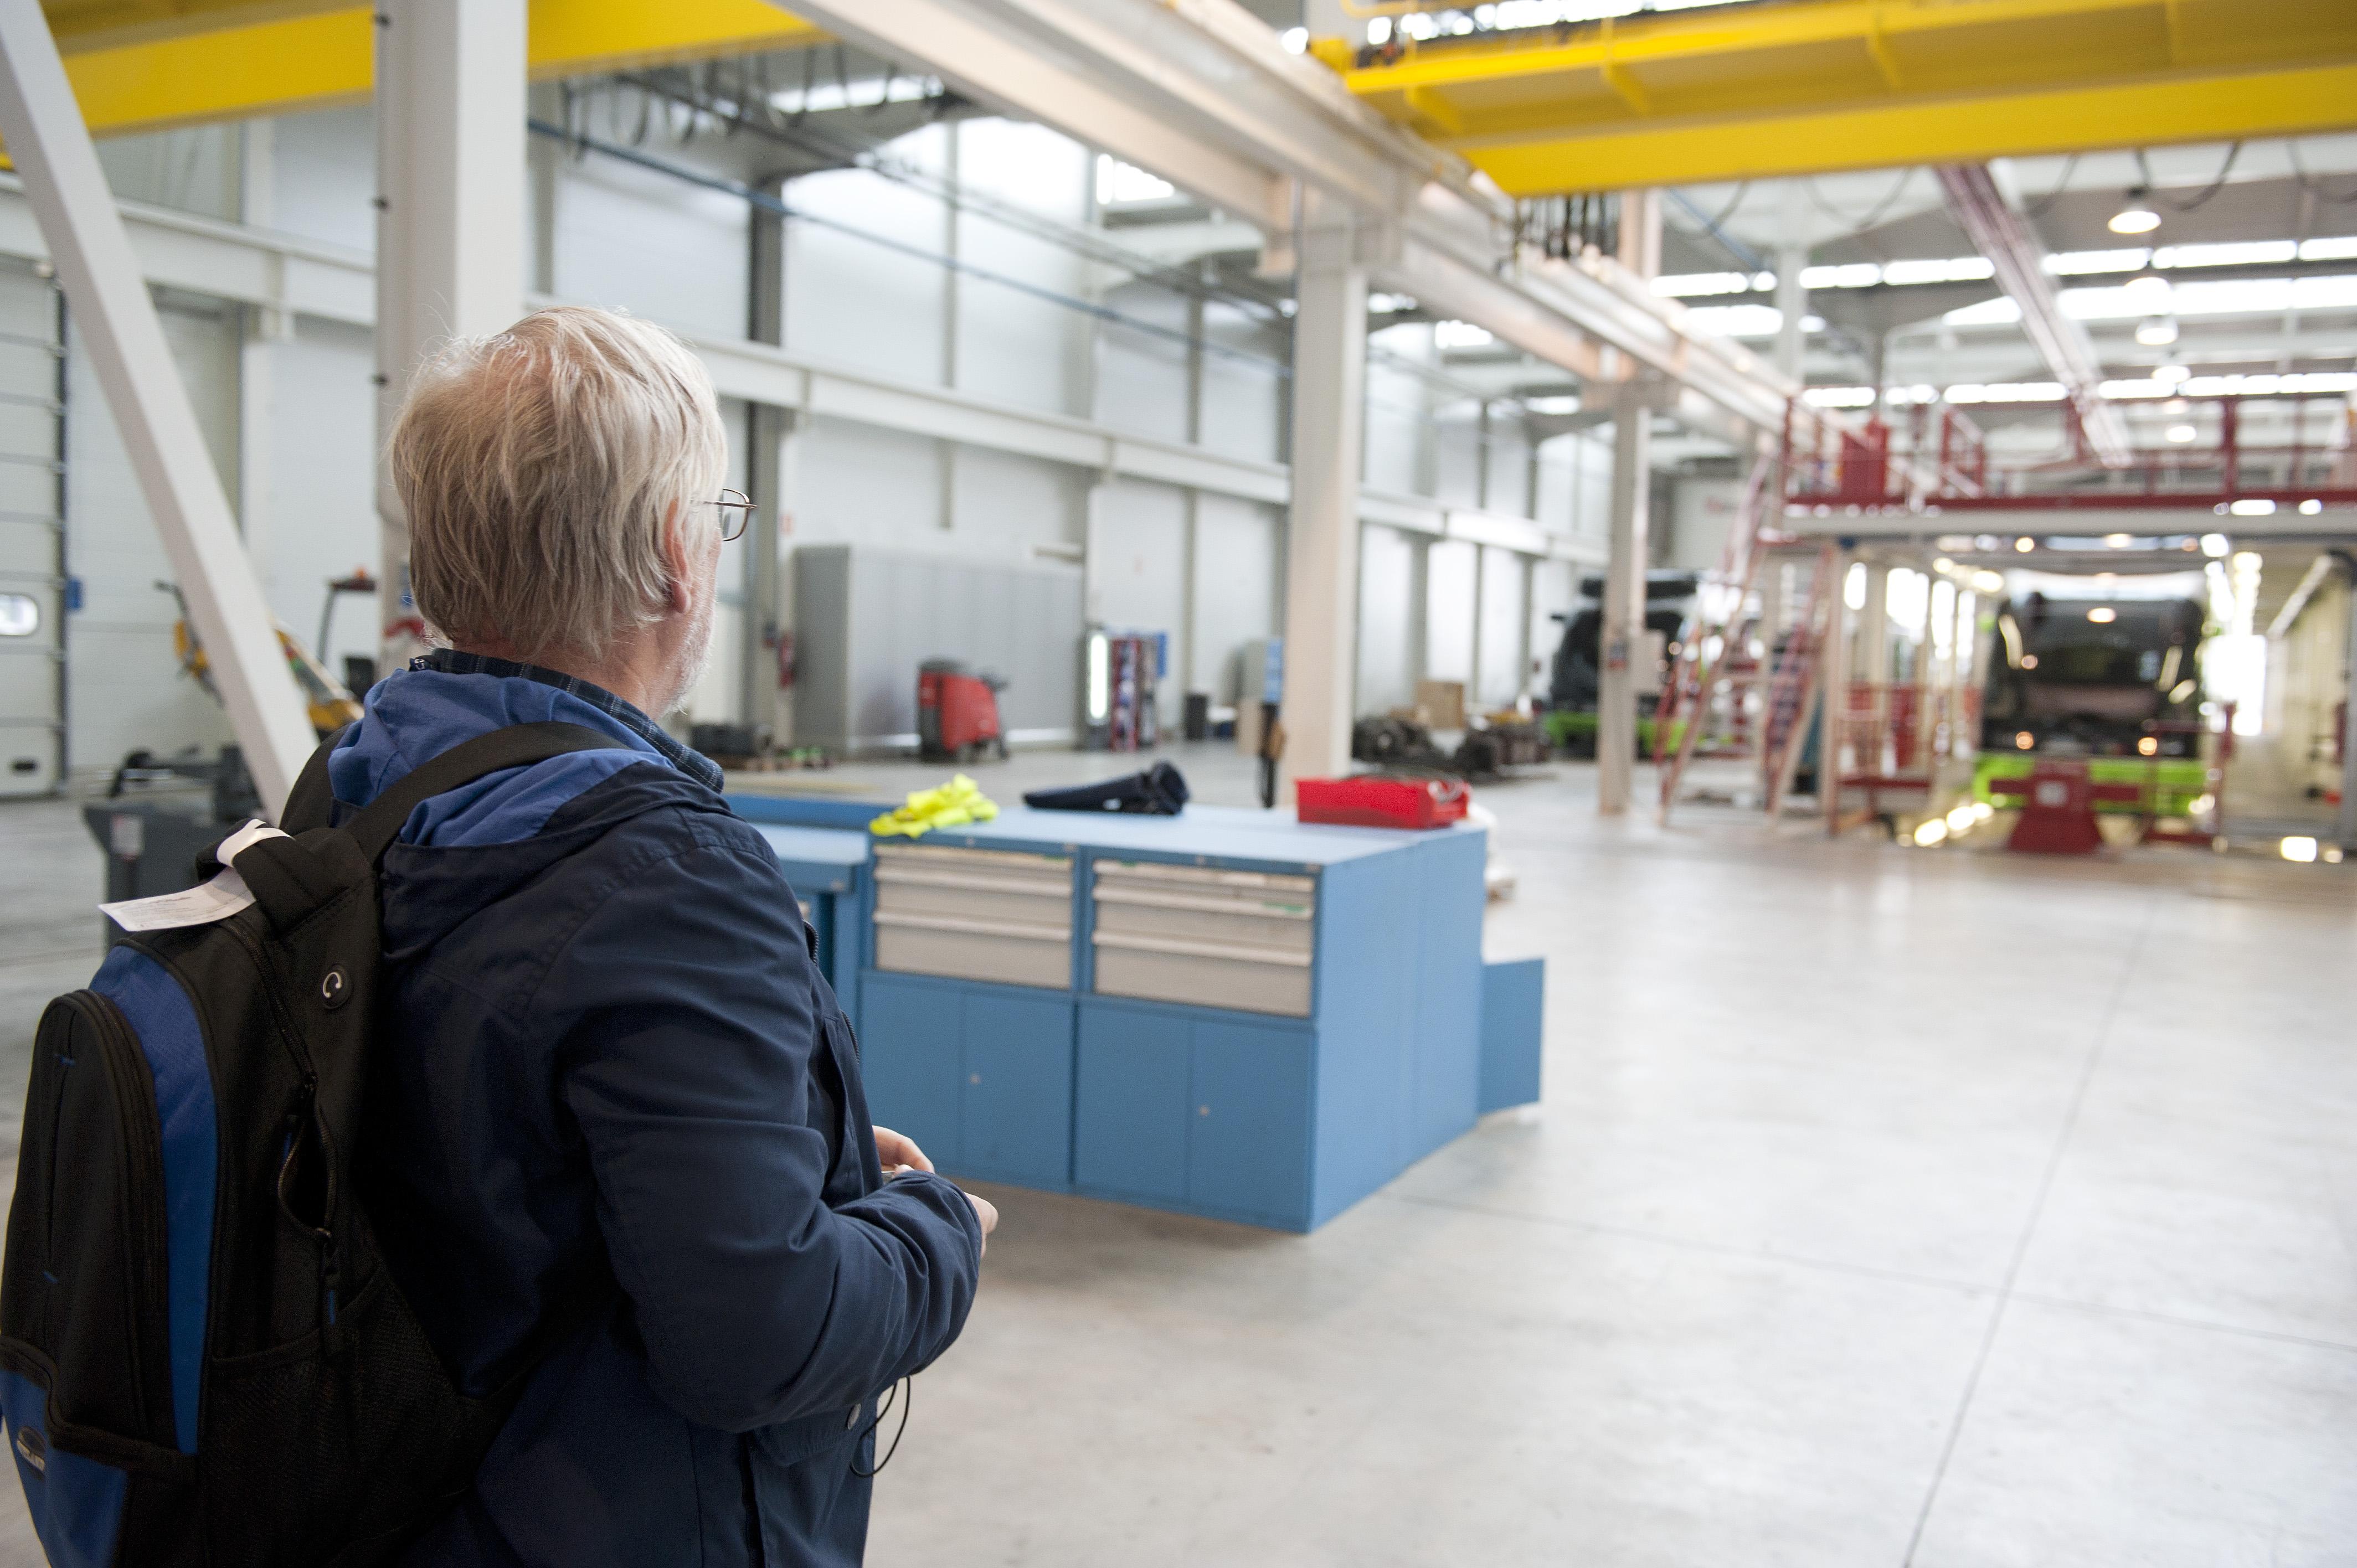 2012_10_01_visita_suecos_tranvia_03.jpg